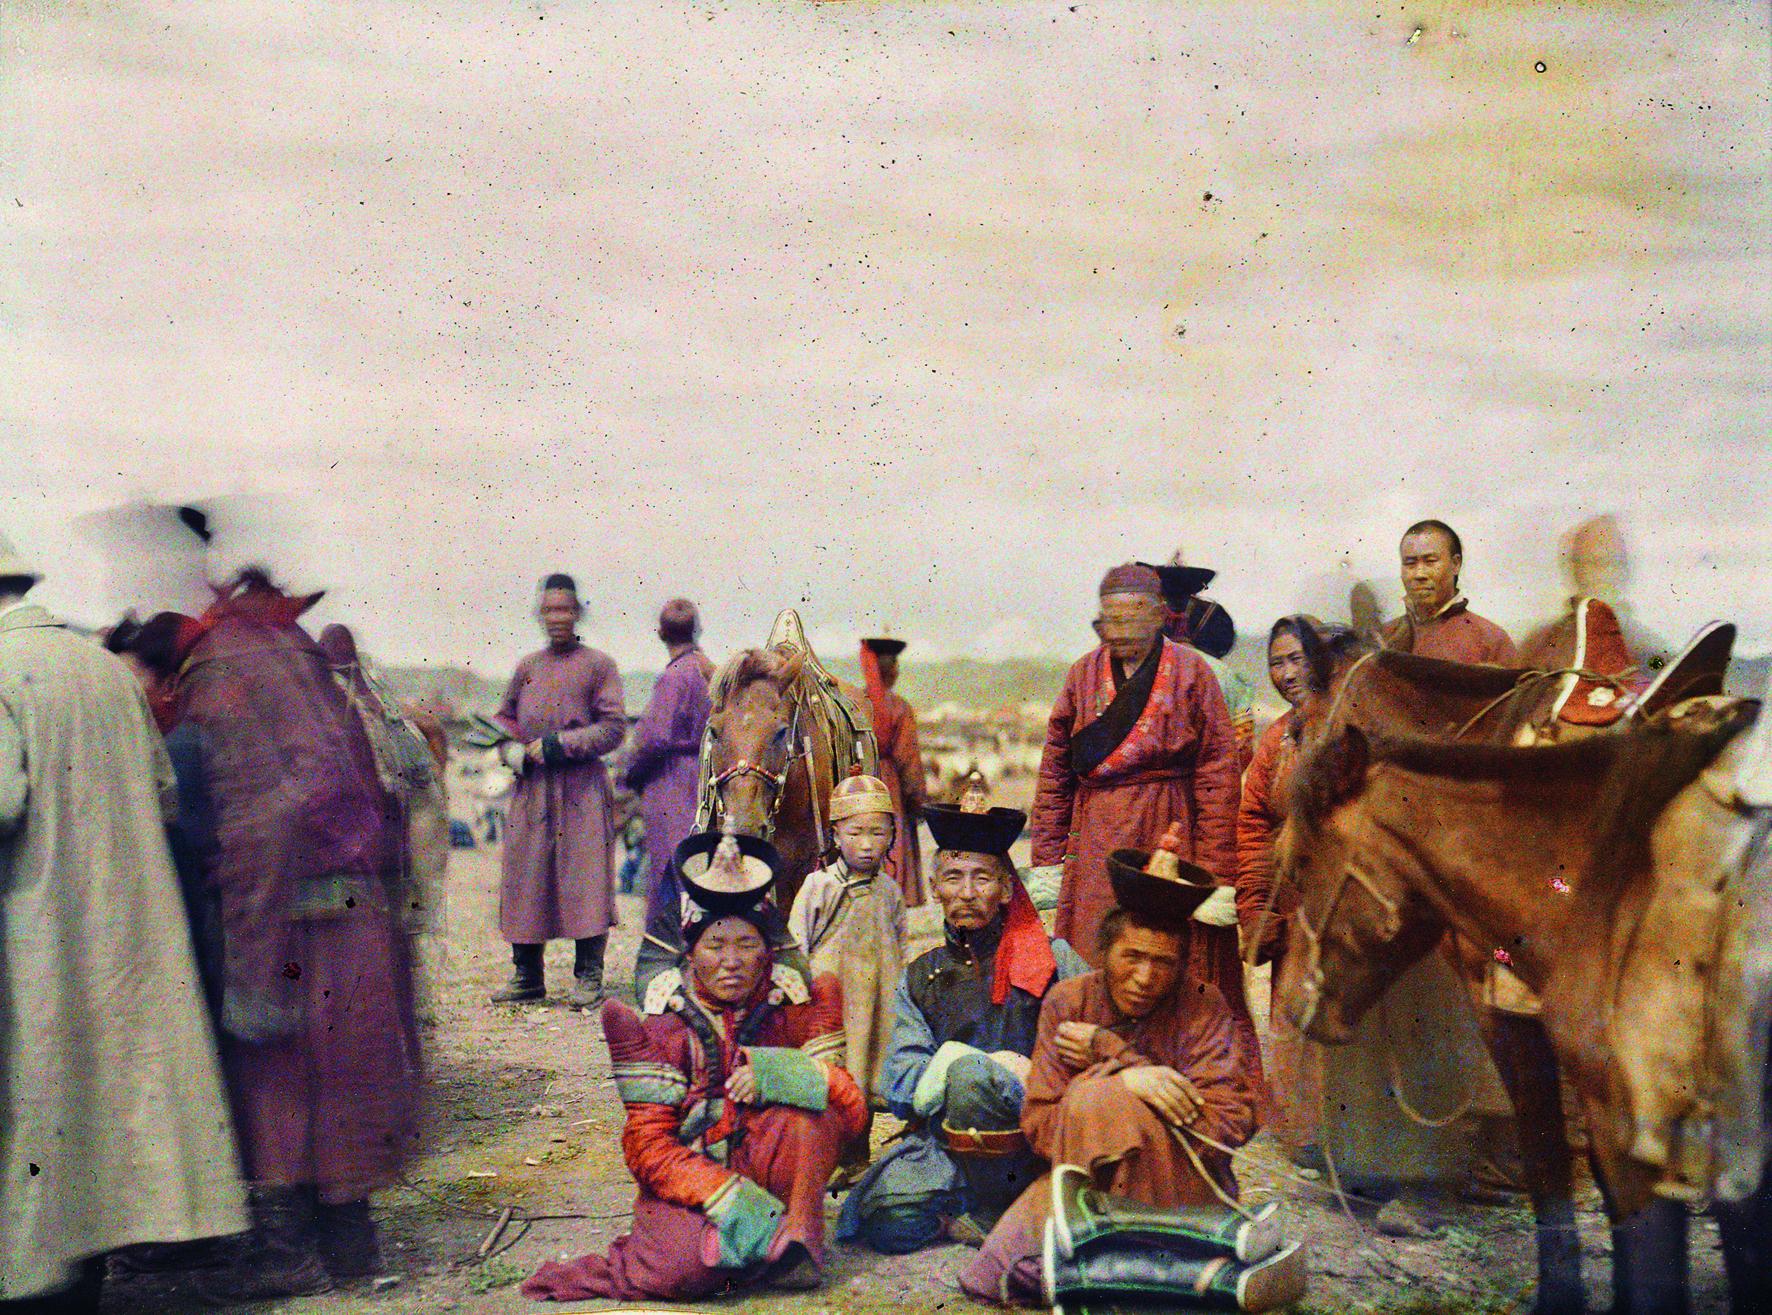 mongolei__ulaanbaatar._der_finanzminister_des_unabhaengigen_staats_mongolei_auf_dem_marktplatz__stephane_passet__22._juli_1913